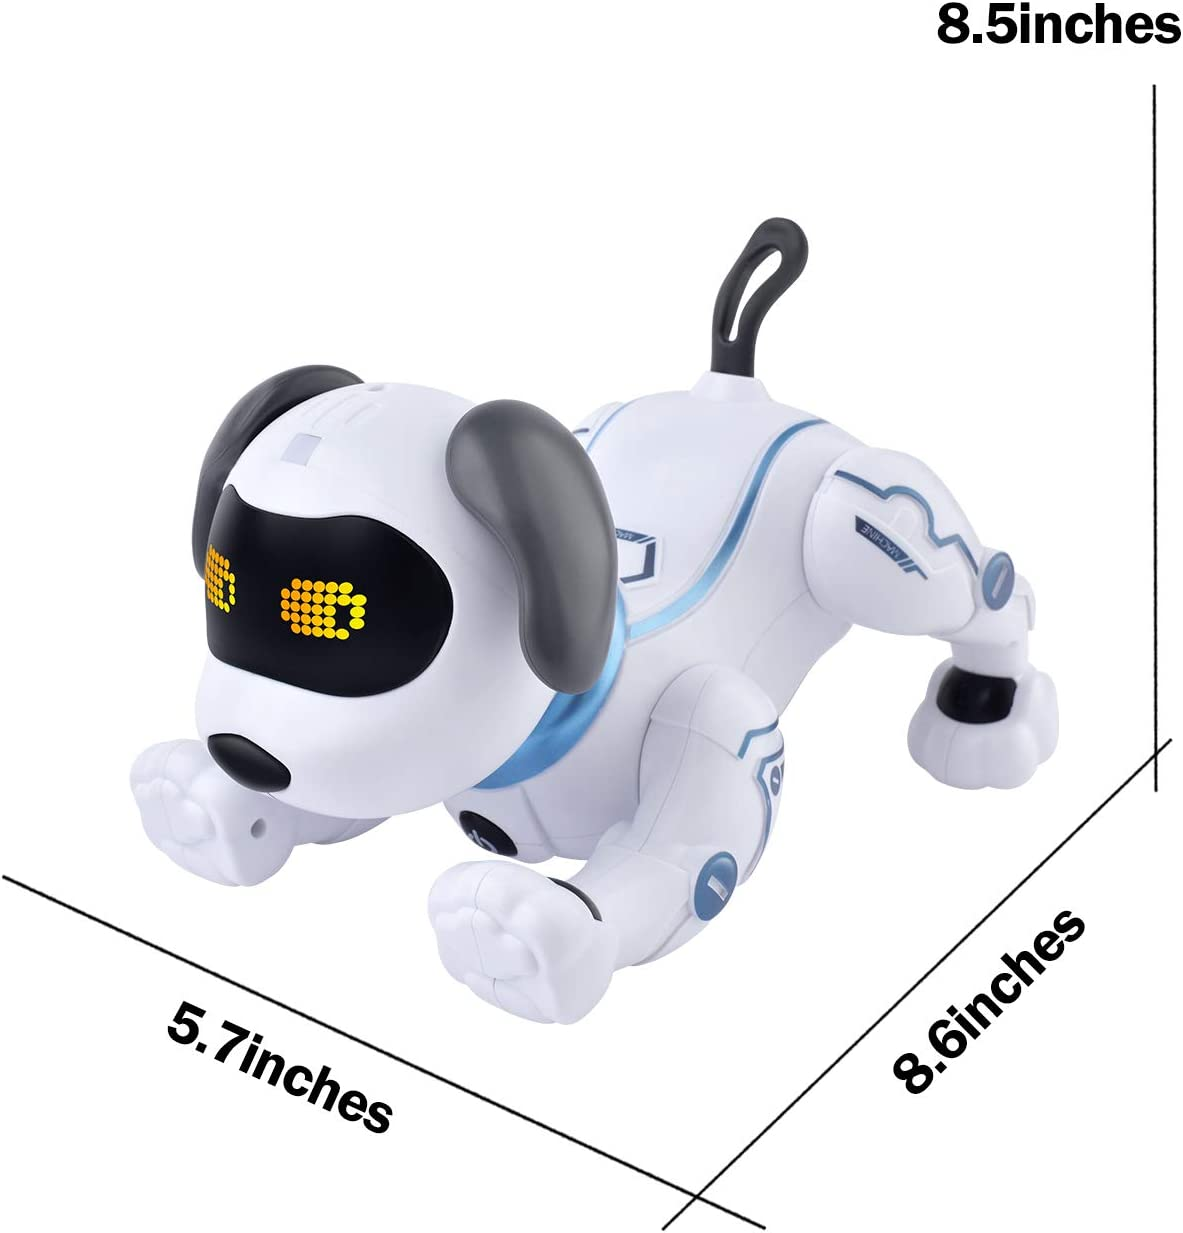 IDEAPARK Chien t/él/écommand/é Jouets de Commande vocale de Chiot acrobatique robotique RC Robot programmable et Dansant RC avec Son interactif.Cadeau pour gar/çons et Filles de 3 /à 12 Ans.